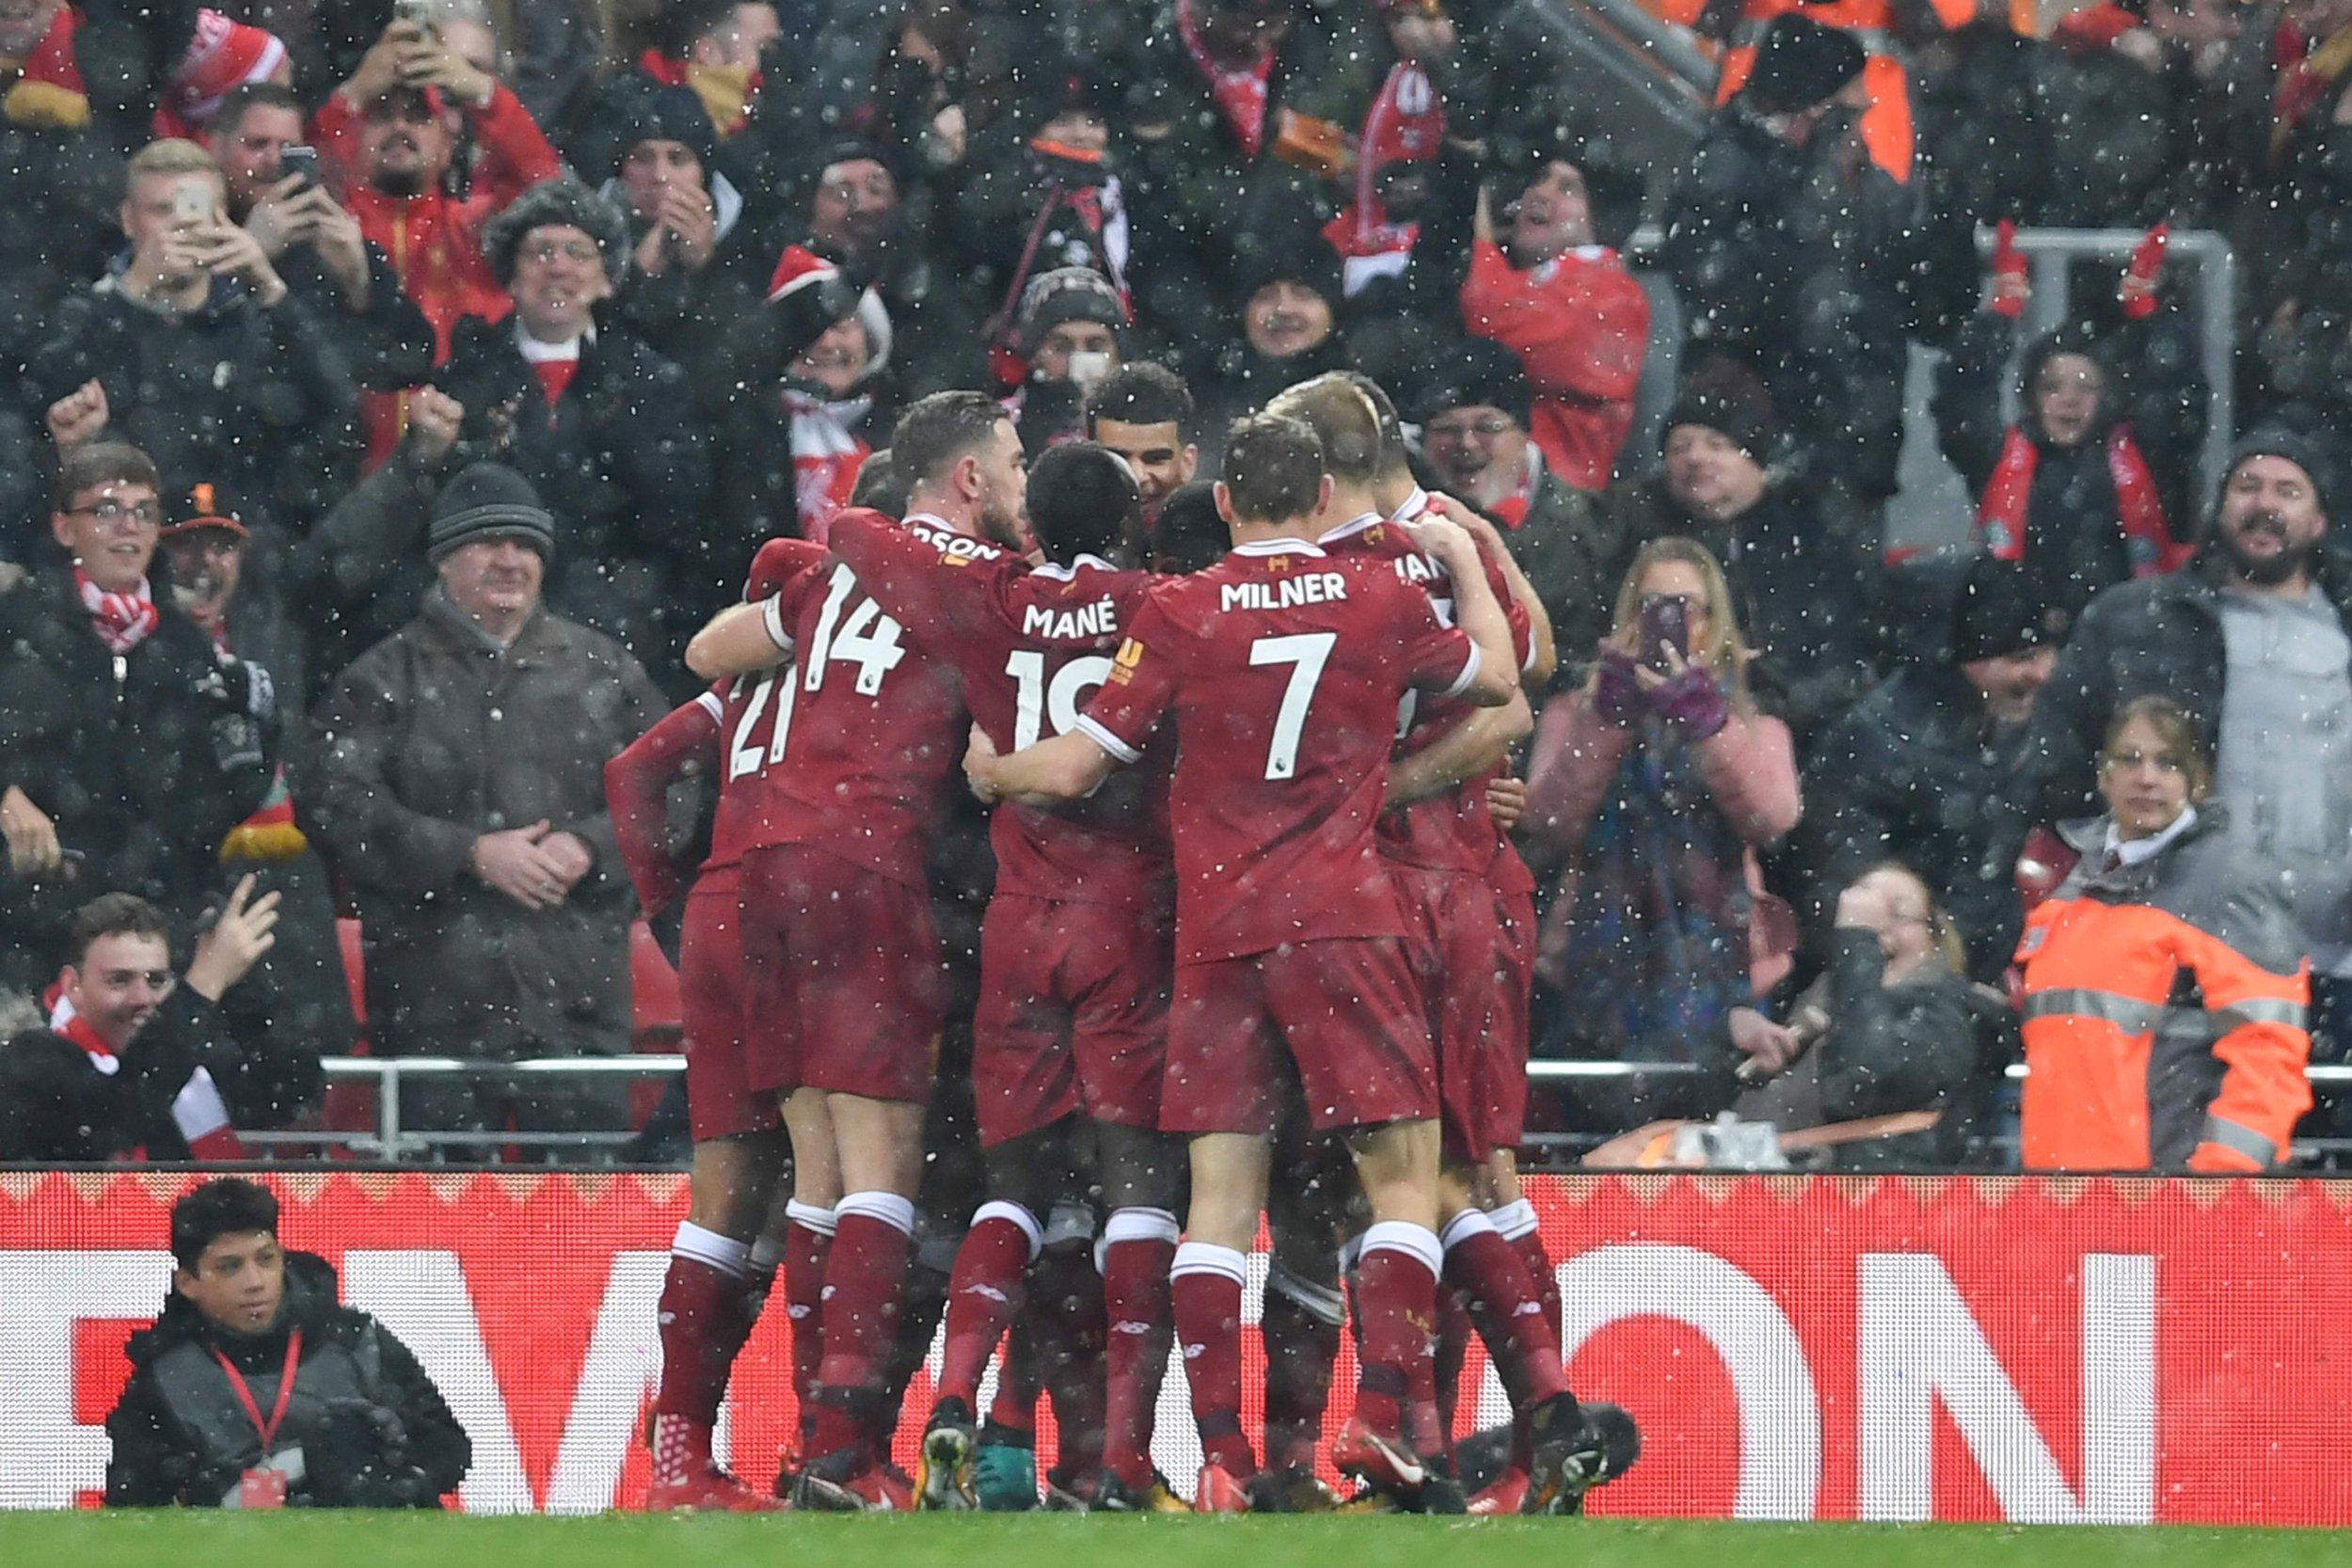 Liverpool celebrate after Mo Salah's goal